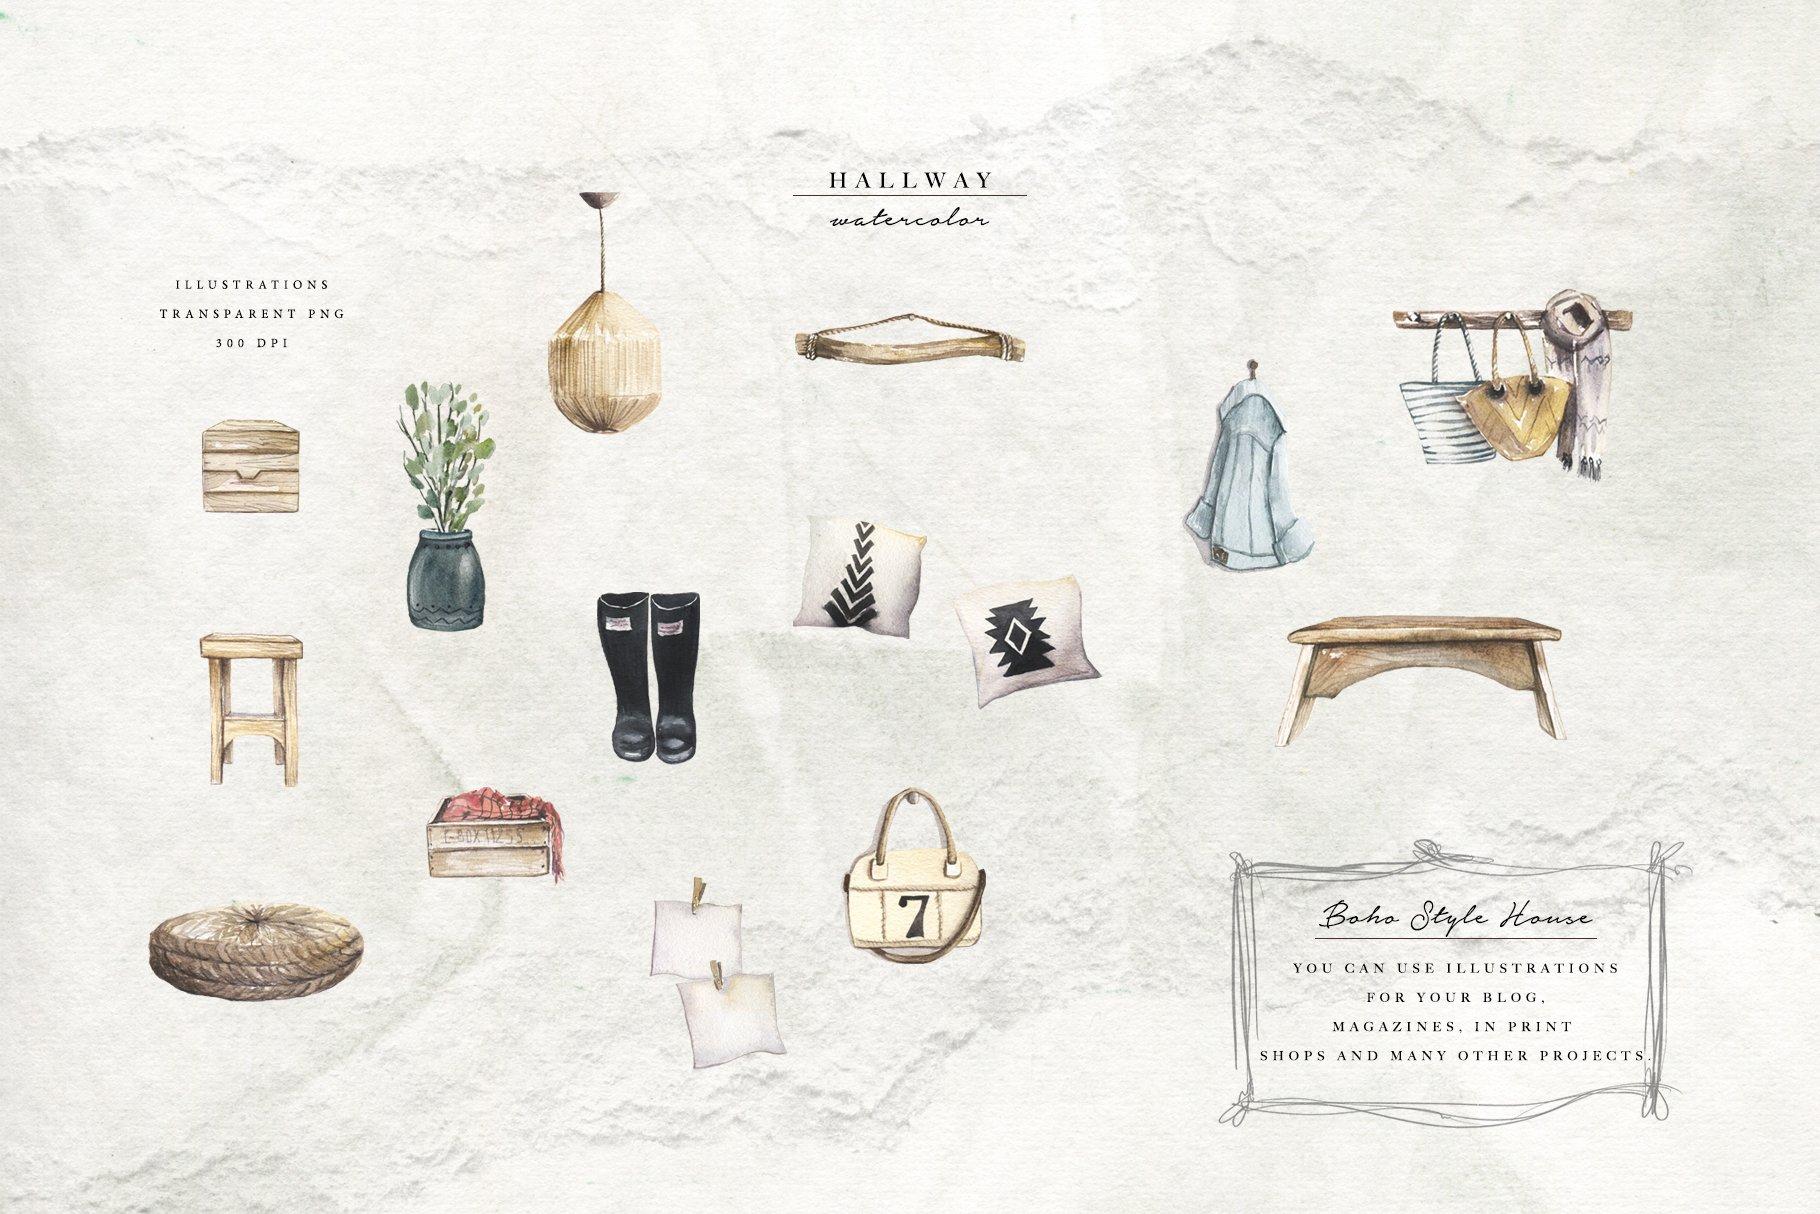 手作り感演出クリエイティブデザイン素材集